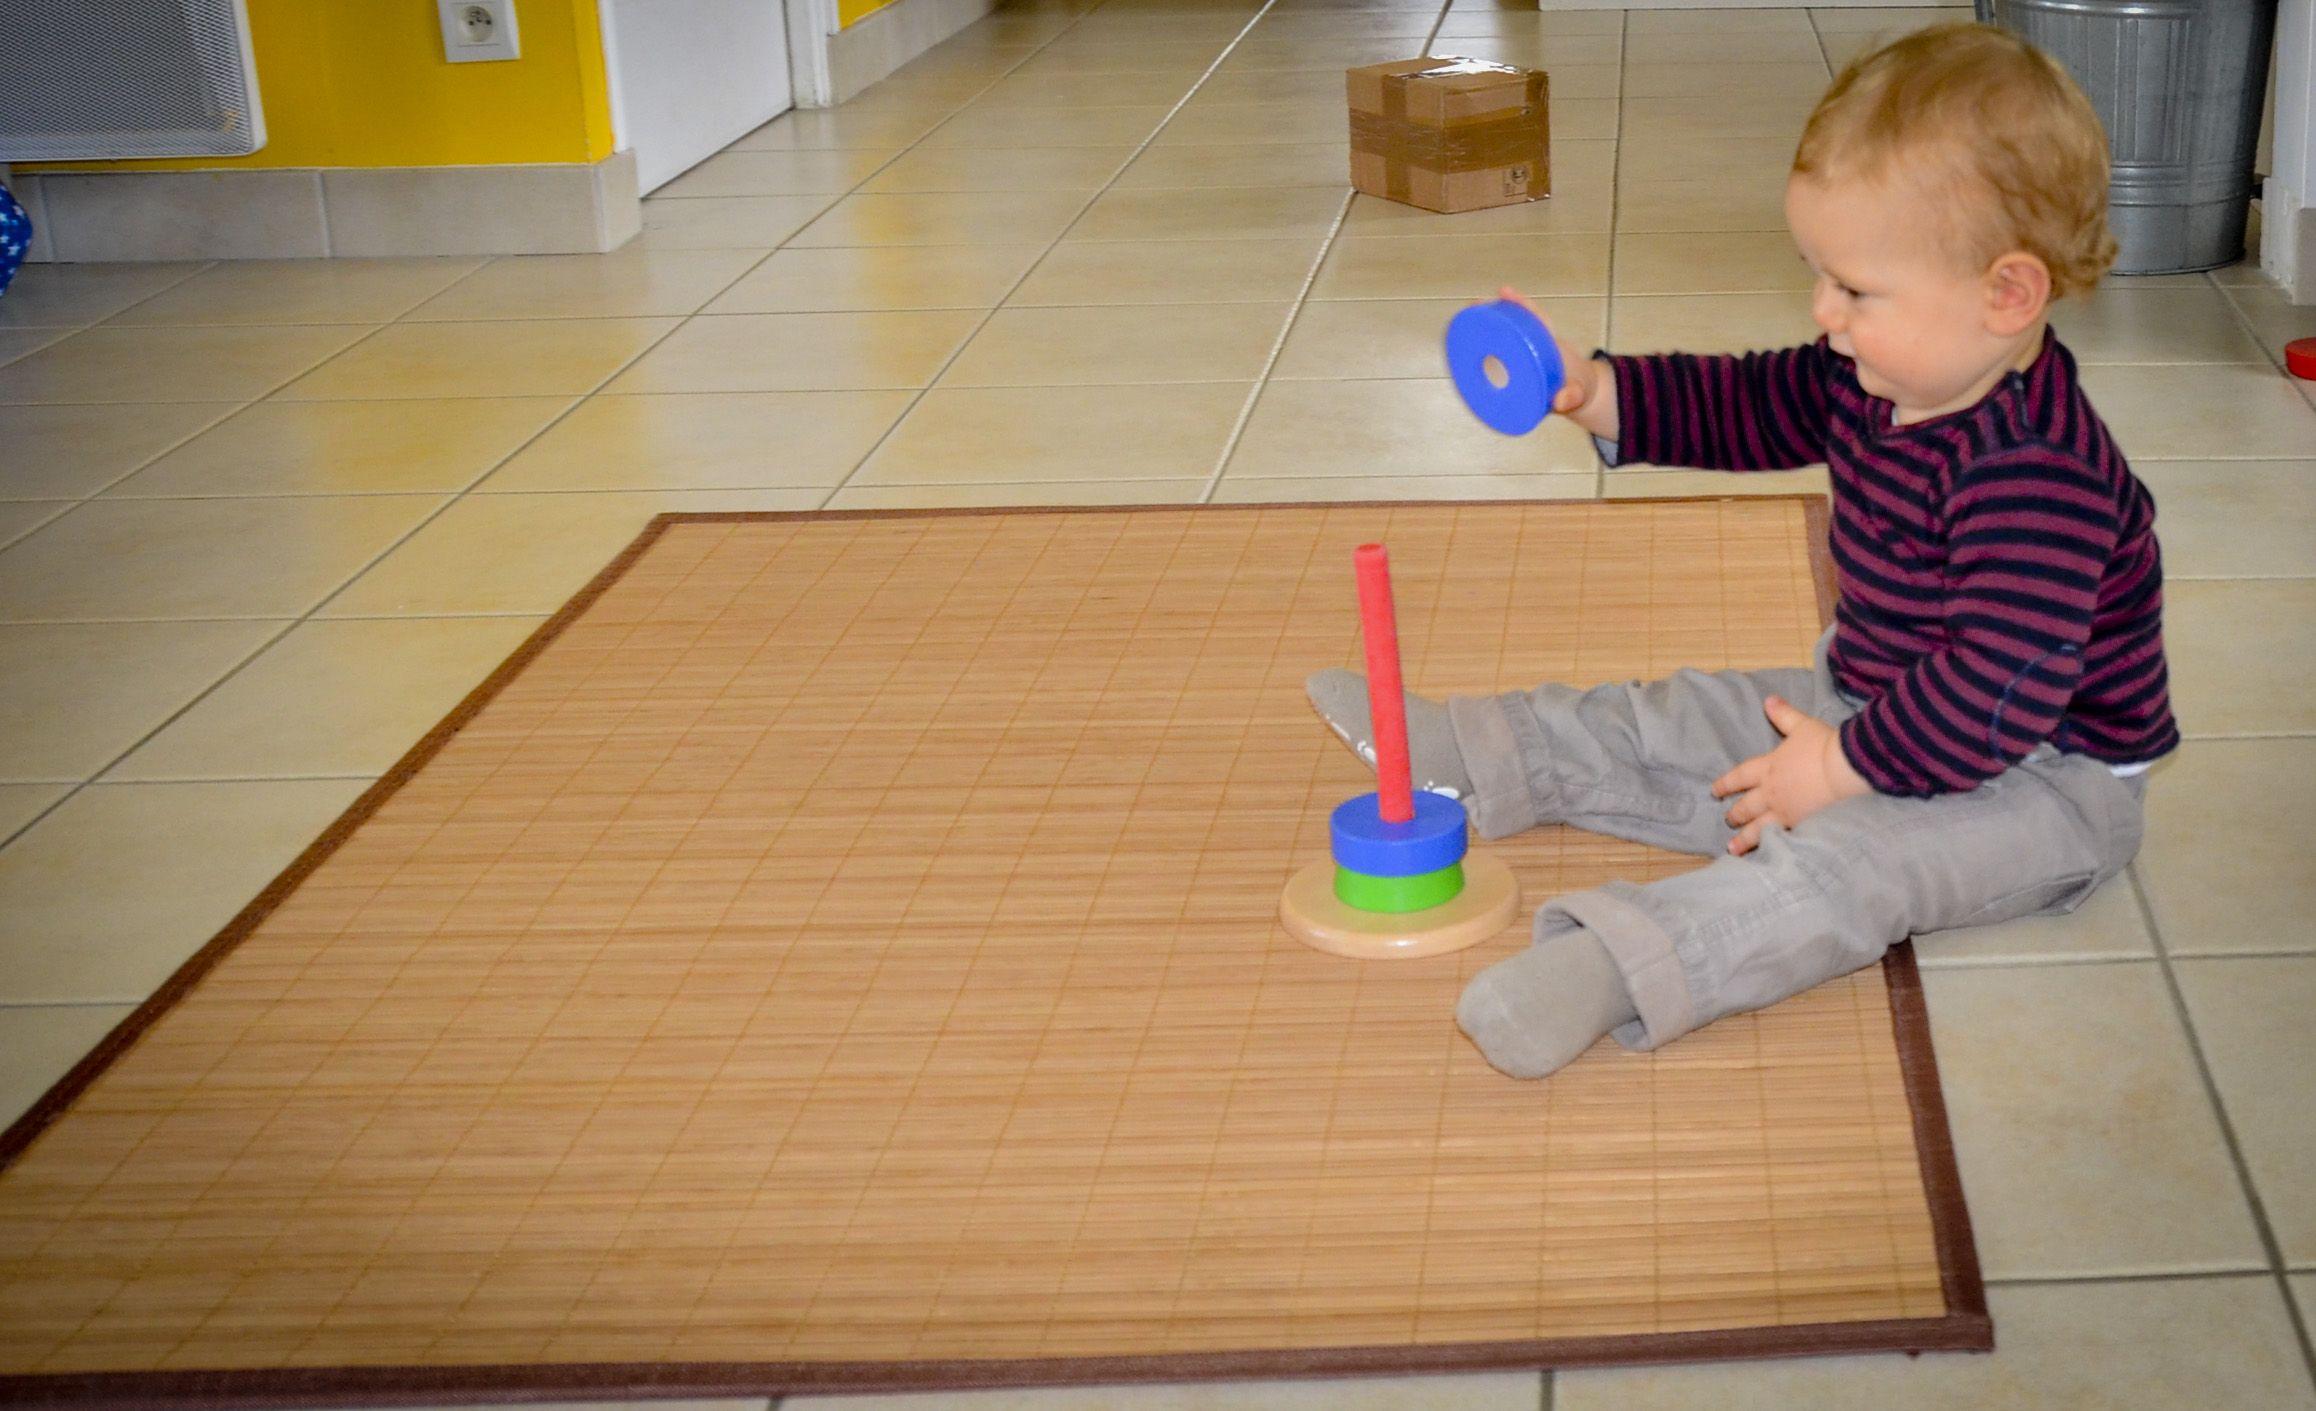 jeux montessori pour enfants de 6 12 mois jeux montessori ce jeu et le d veloppement. Black Bedroom Furniture Sets. Home Design Ideas